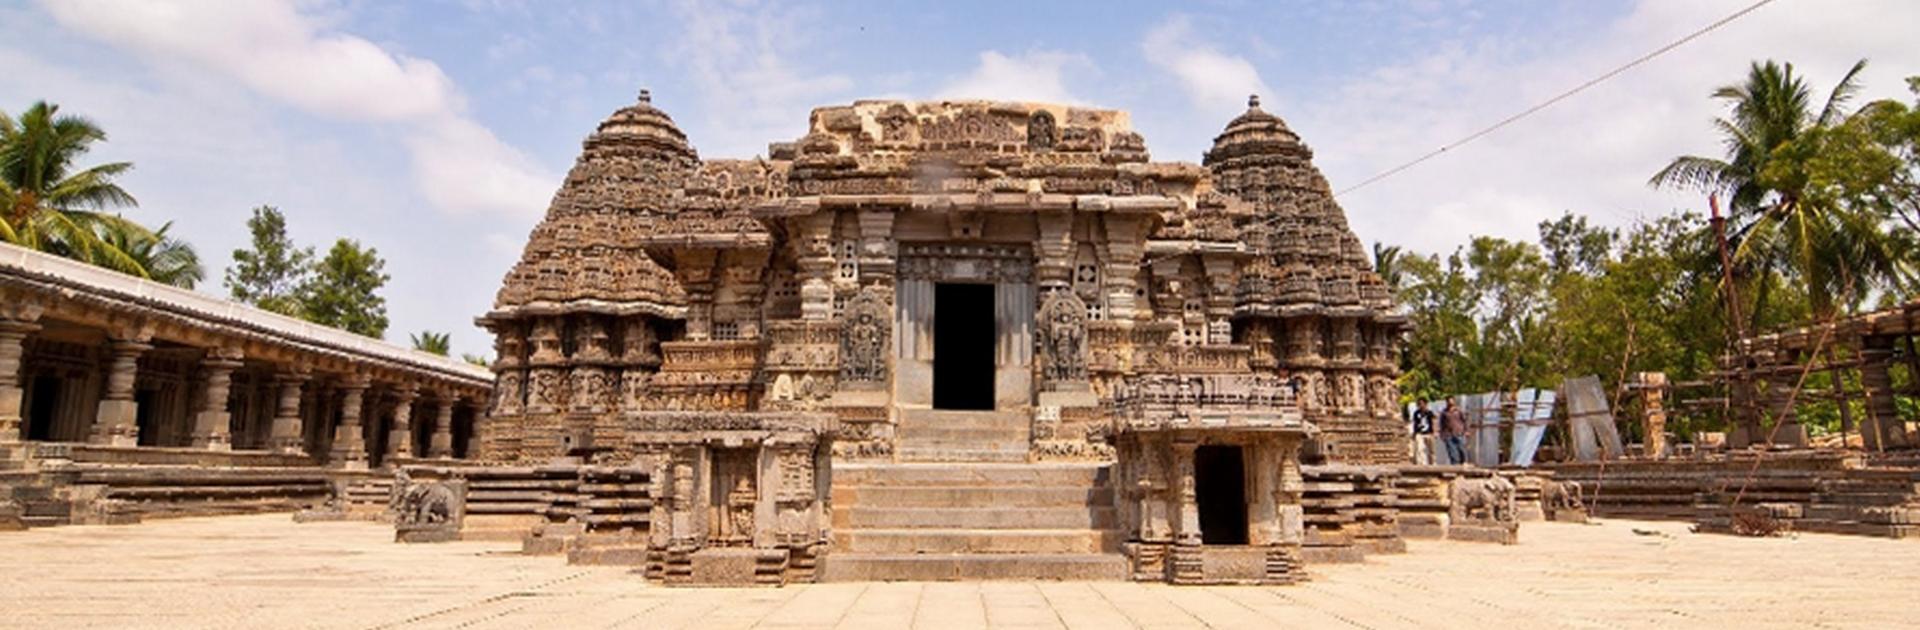 Temple au Sud de l'Inde